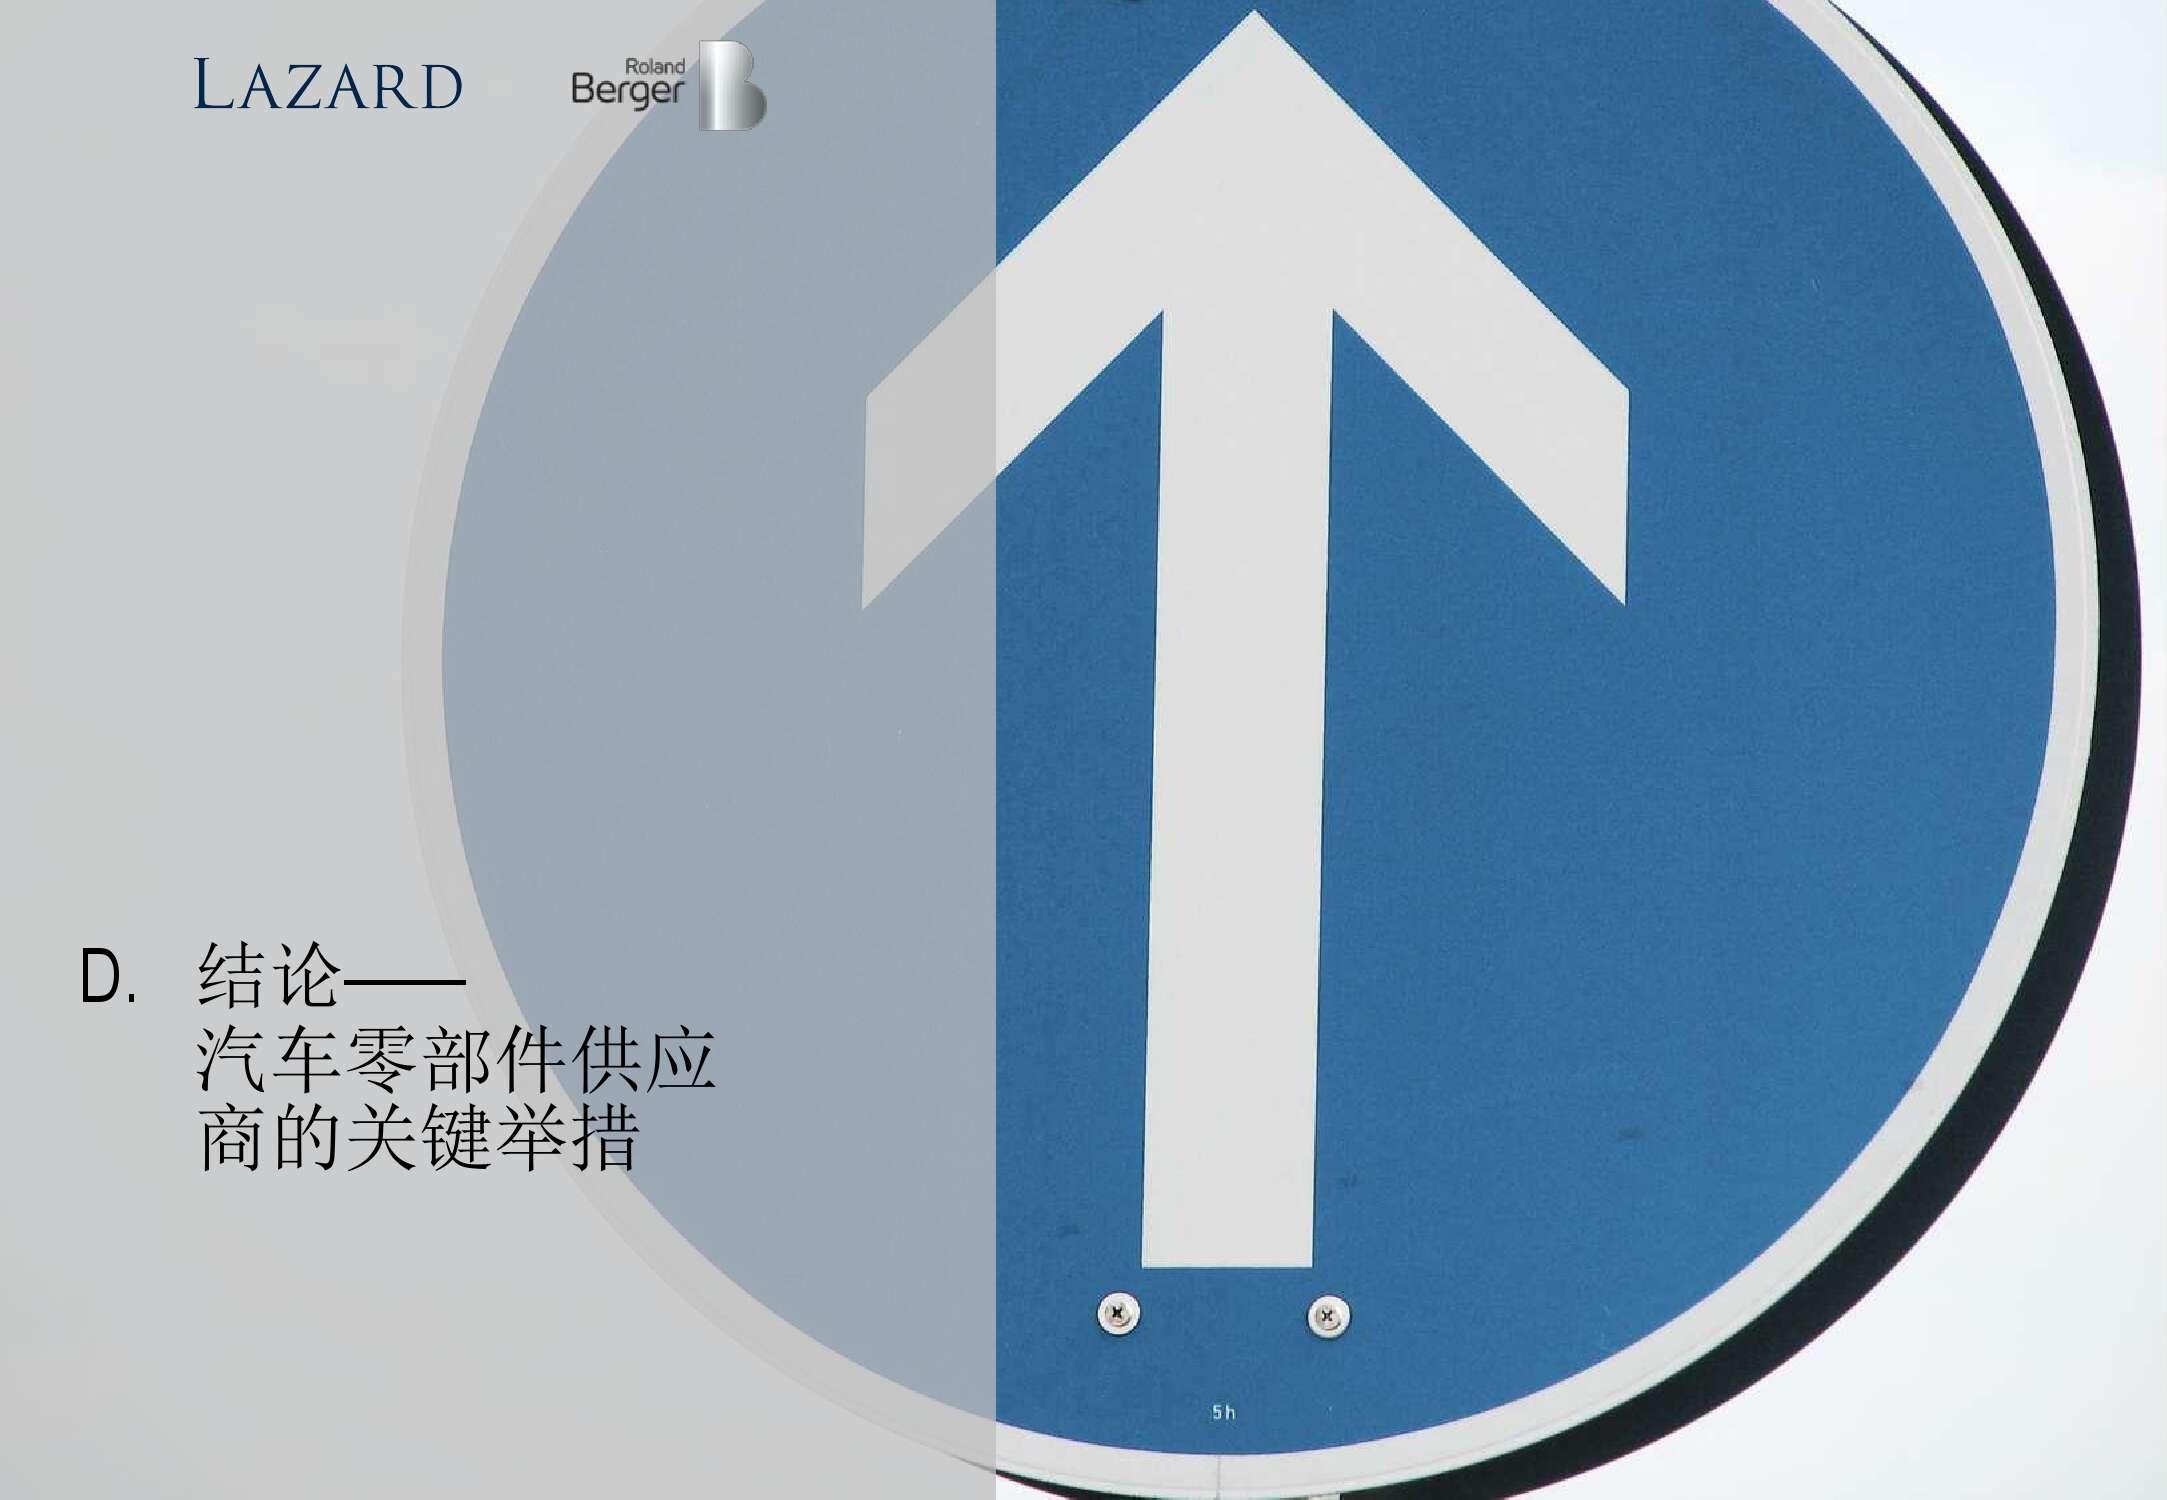 2015年全球汽车零部件供应商研究_000038